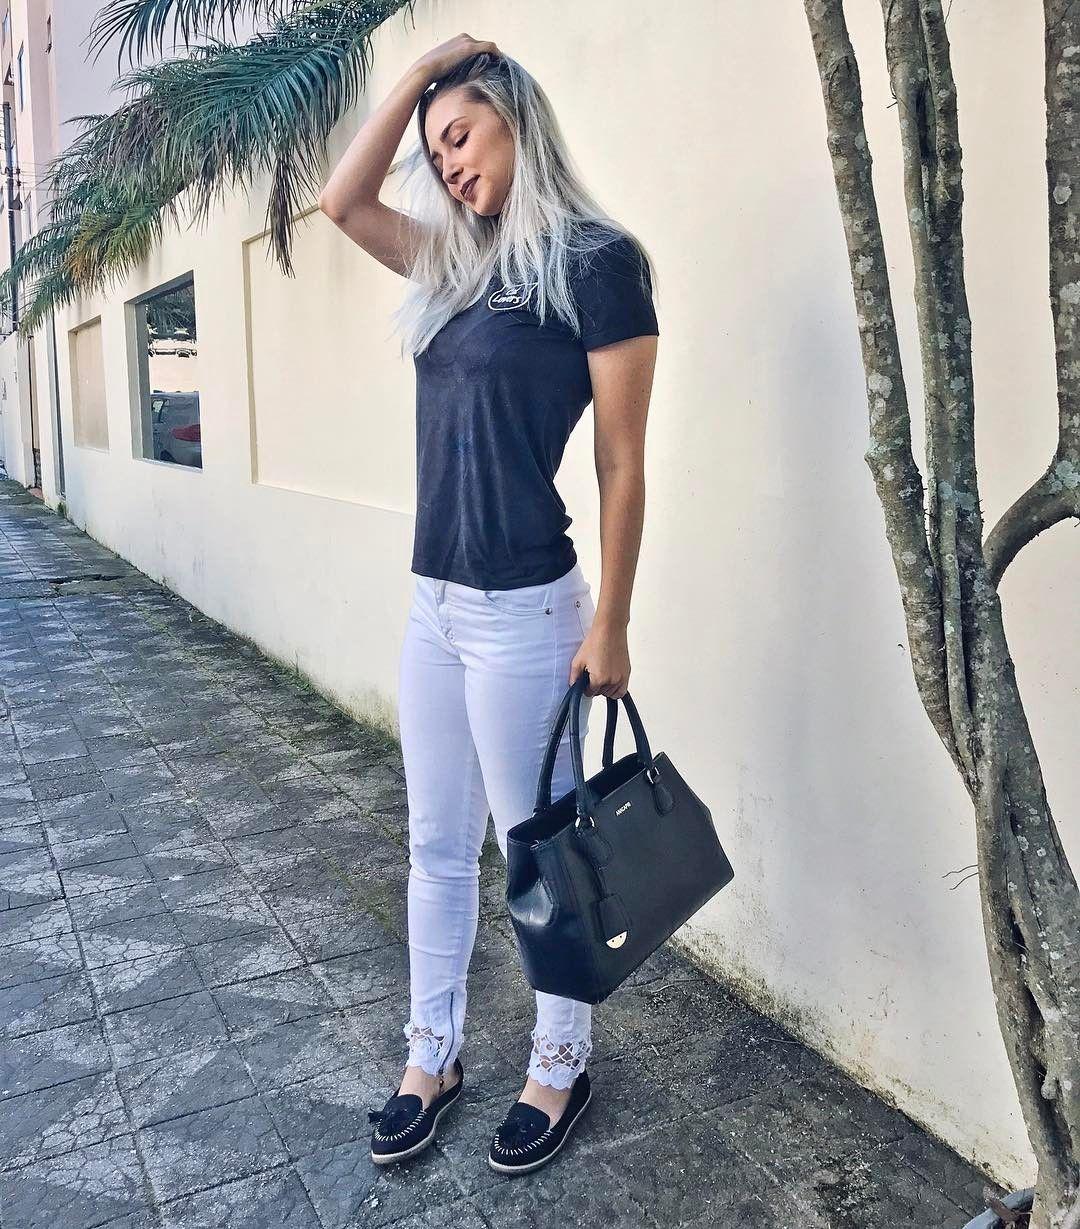 """9,679 Likes, 195 Comments - Janaína Taffarel (@janataffarel) on Instagram: """"Escute coisas diferentes de vez em quando... seu coração por exemplo! ❤️ Look lindo da…"""""""